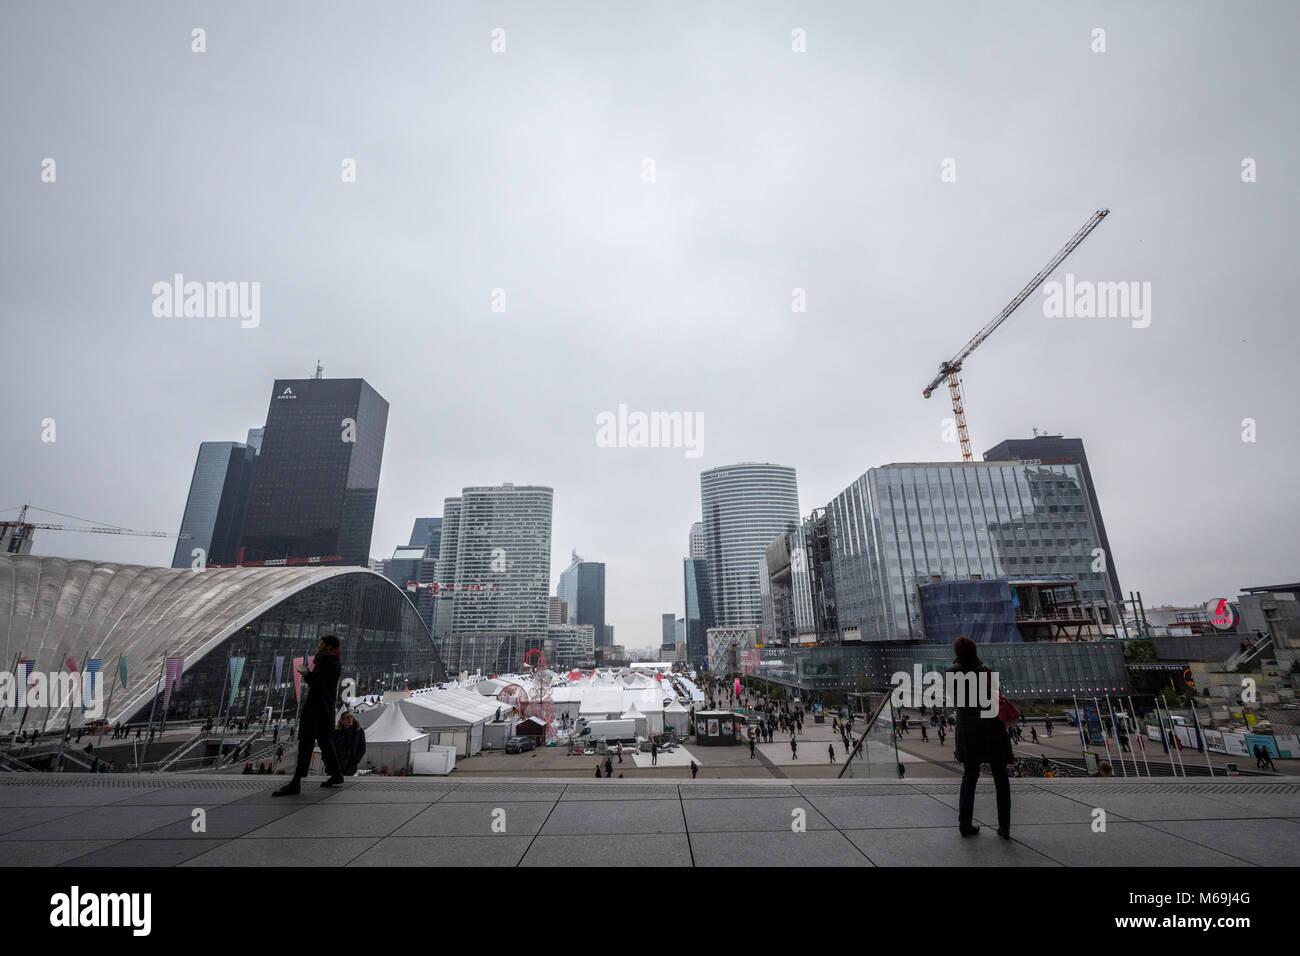 PARIS, FRANCE - DECEMBER 20, 2017: People contemplating La Defense district skyline from the Esplanade. La Defense - Stock Image